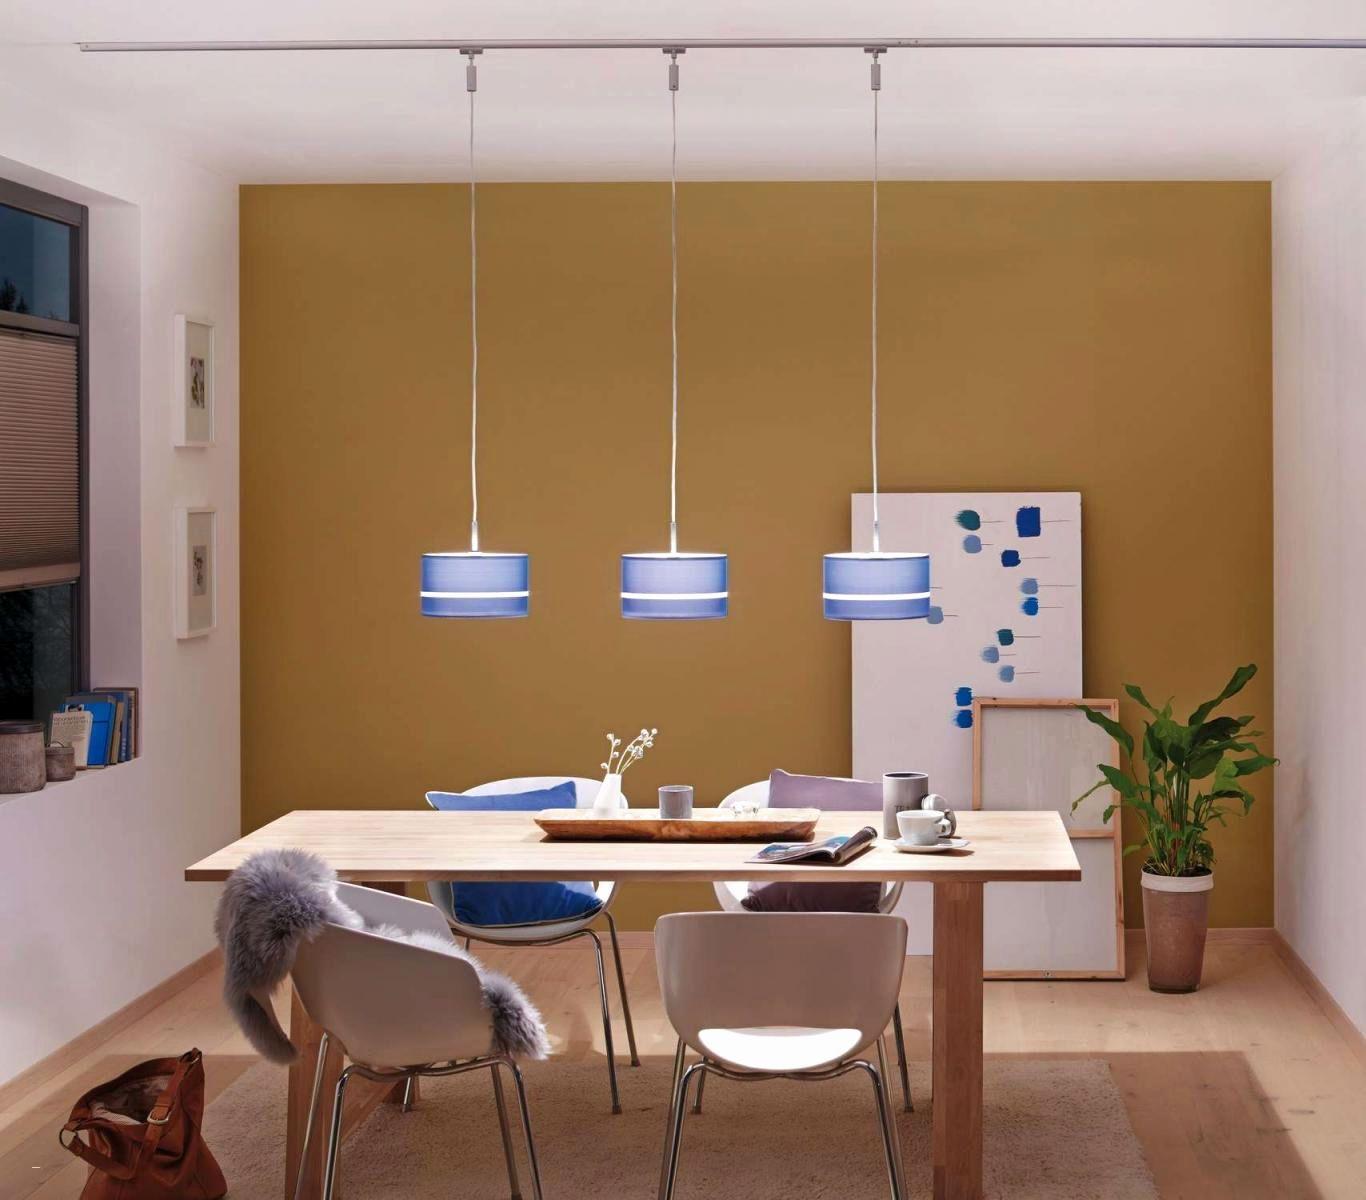 Full Size of Deckenlampe Schlafzimmer Modern Deckenleuchte Lampe Ein Anschluss Zwei Lampen Runde Neu Deckenlampen Für Wohnzimmer Kommode Stuhl Komplett Günstig Gardinen Wohnzimmer Deckenlampe Schlafzimmer Modern